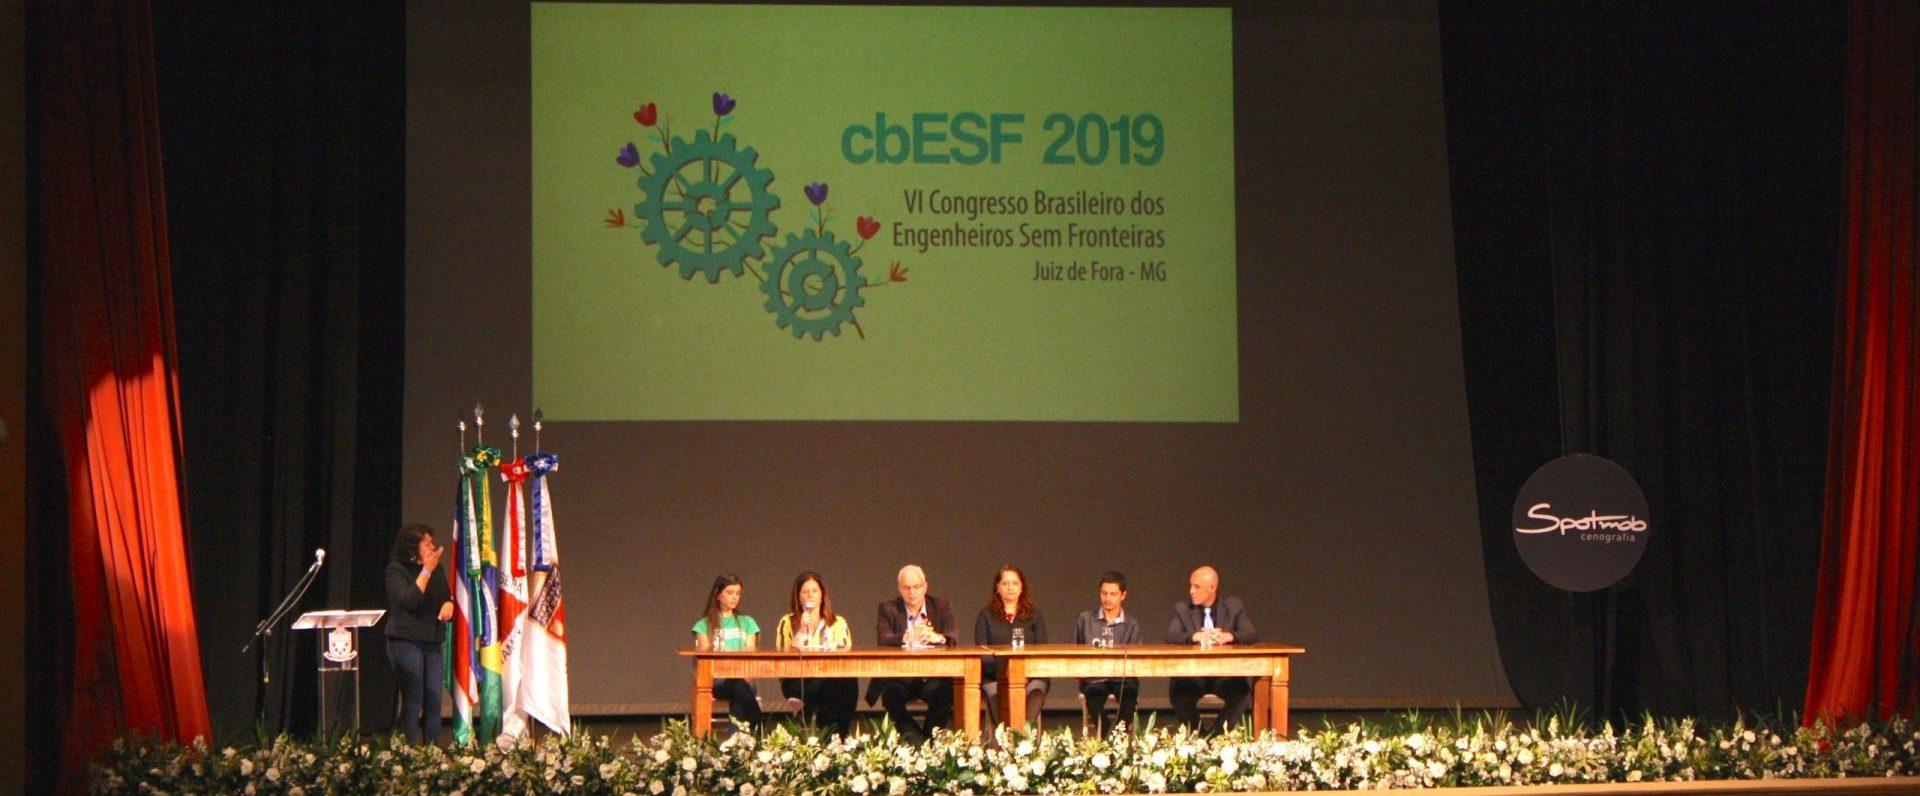 palco do Congresso dos Engenheiros Sem Fronteiras Brasil 2019, realizado em Juiz de Fora